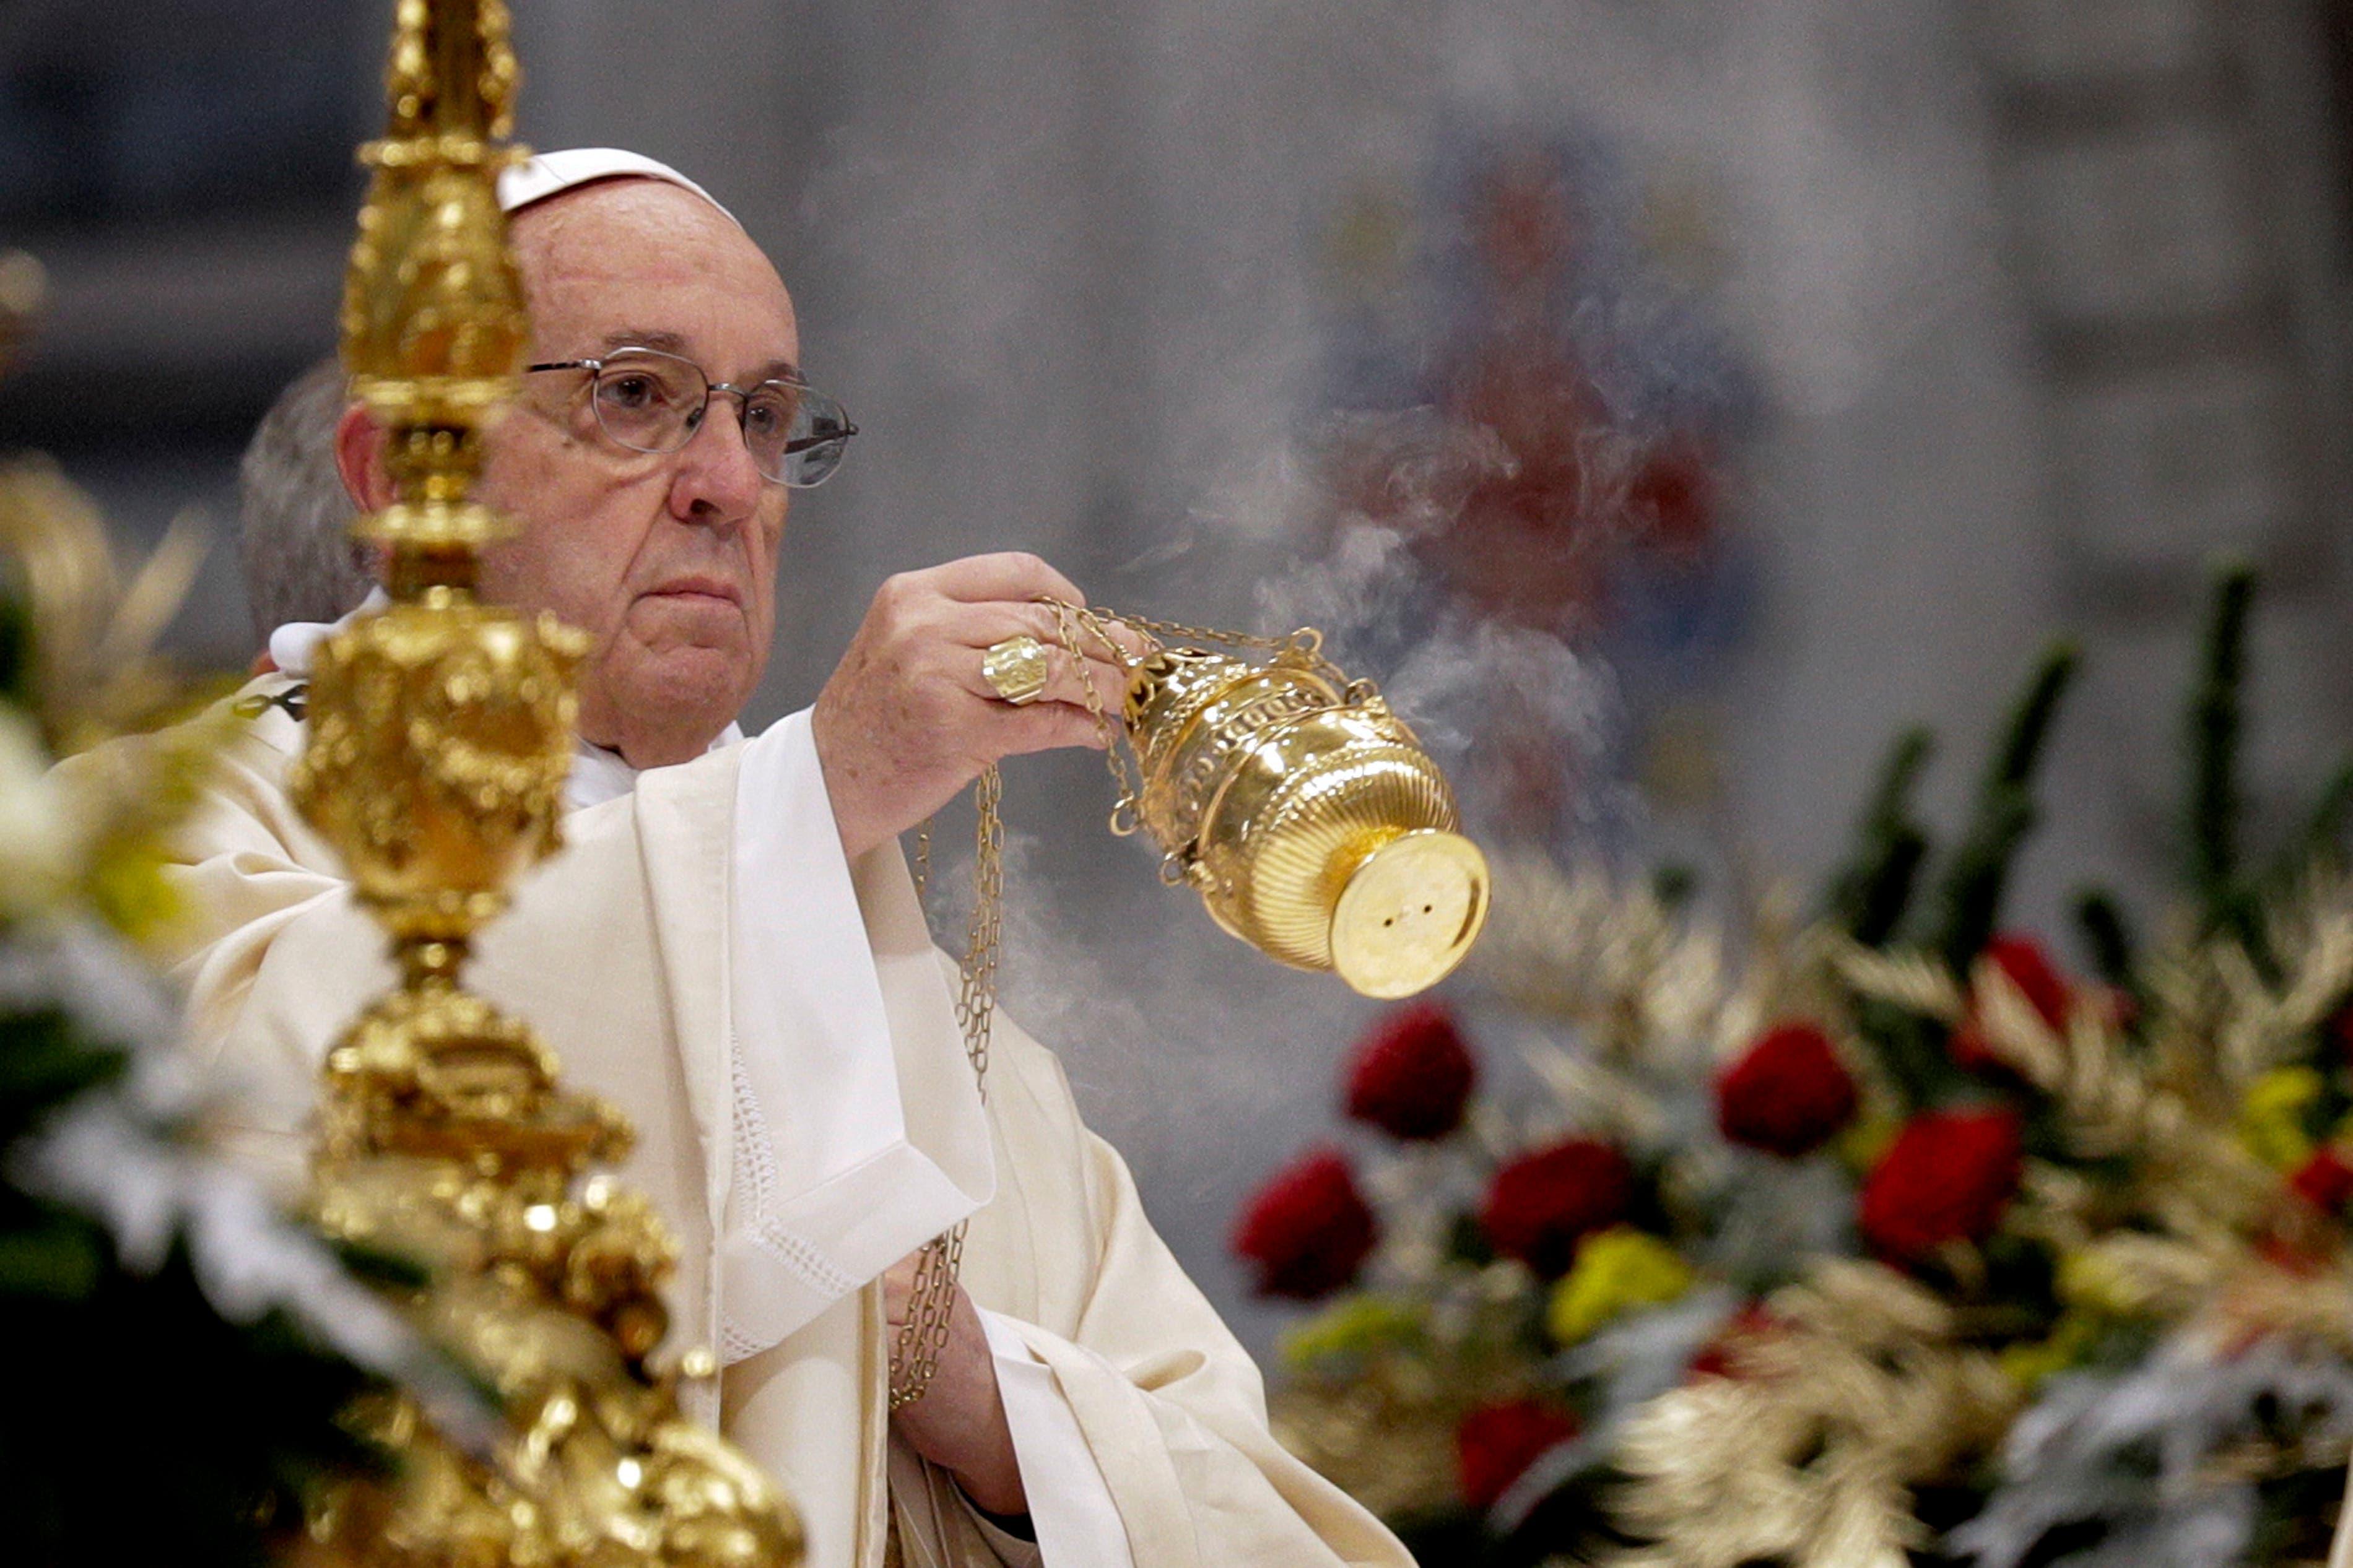 El papa Francisco agita un incensario frente al altar mientras celebra una misa de Epifanía en la Basilica de San Pedro en el Vaticano, el sábado 6 de enero de 2018. (AP Foto/Andrew Medichini)